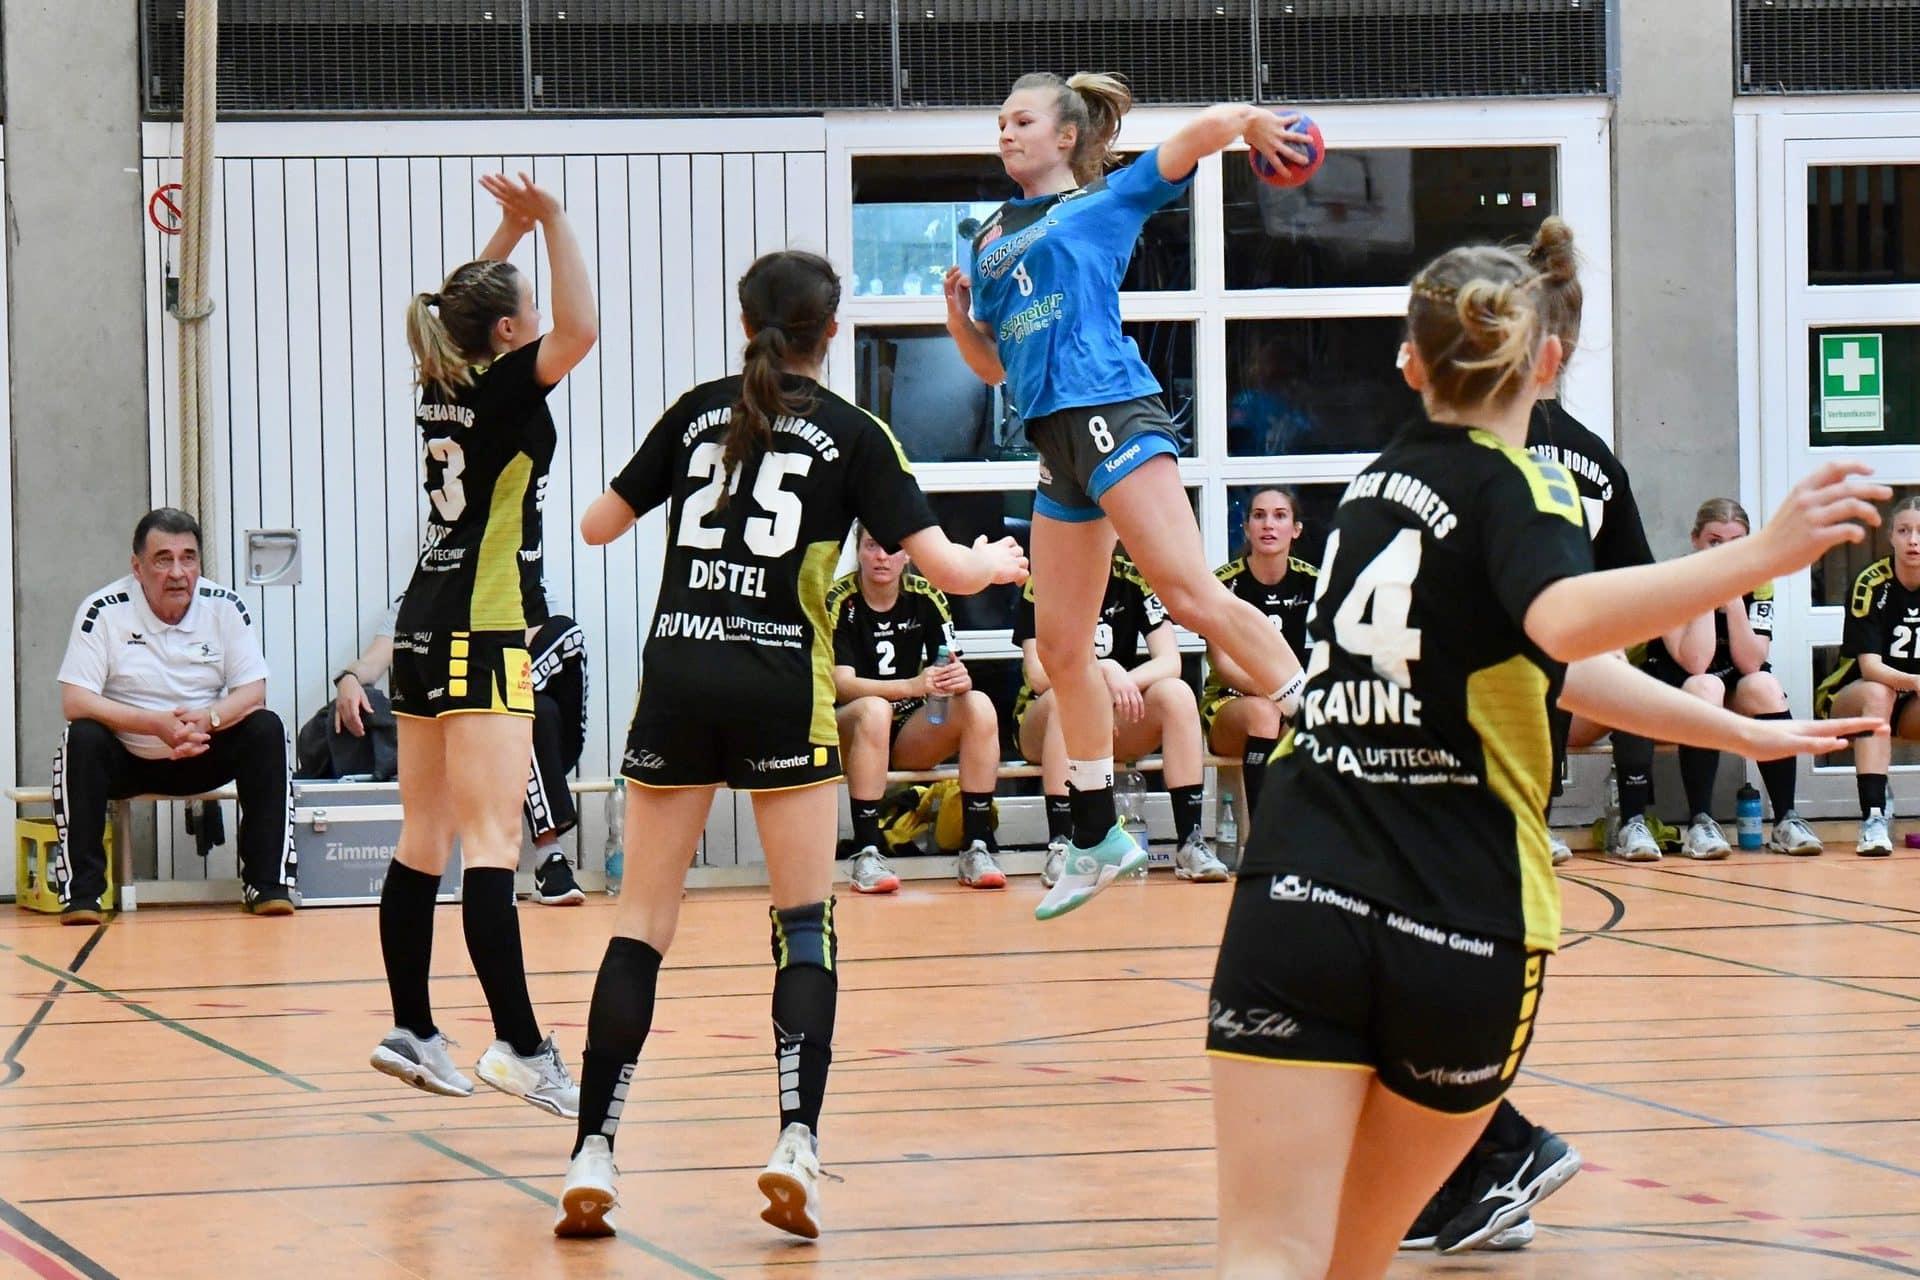 Bunkerladies bestehen Härtetest beim TV Nellingen Regensburger Handball-Damen mit 31:29 (14:13) gegen Ex-Bundesligisten | Erstes Aufstiegsspiel am 2. Mai in Frankfurt